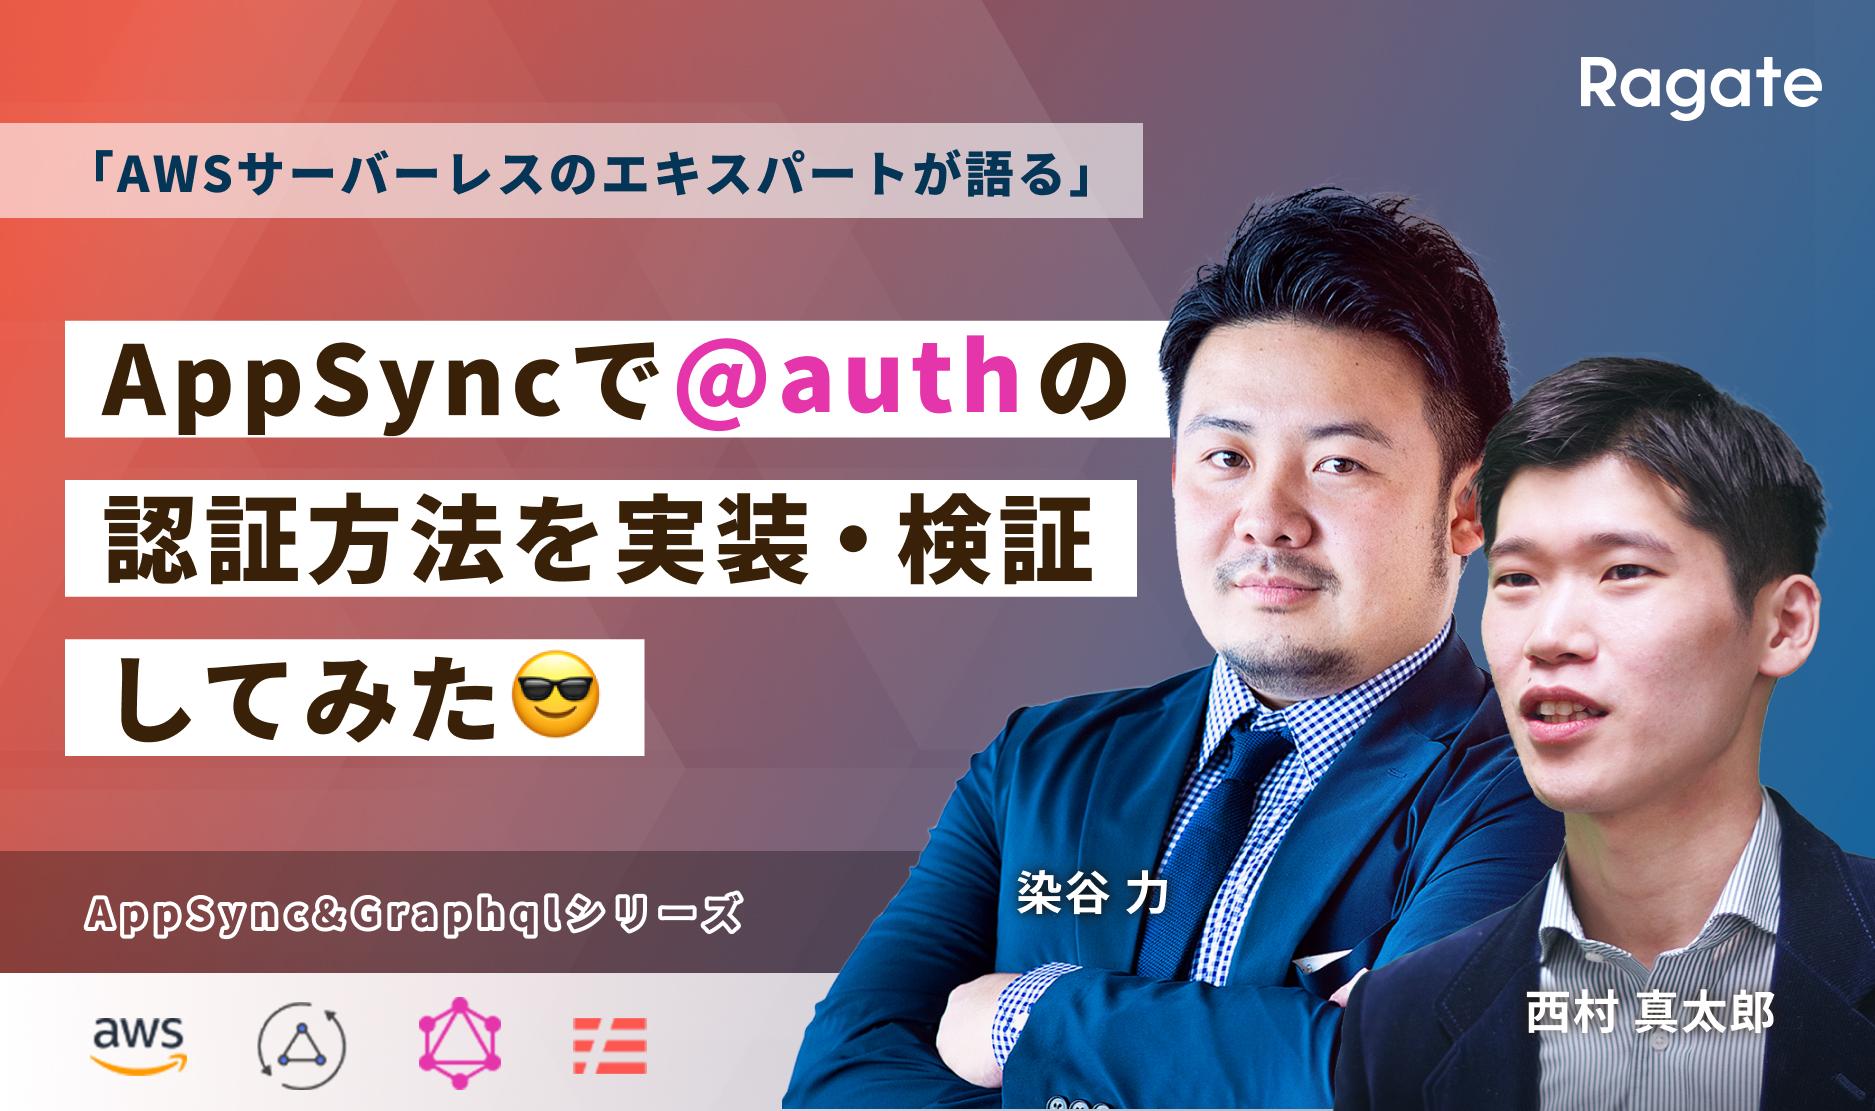 AppSyncで@authの認証方法を実装・検証してみた😎